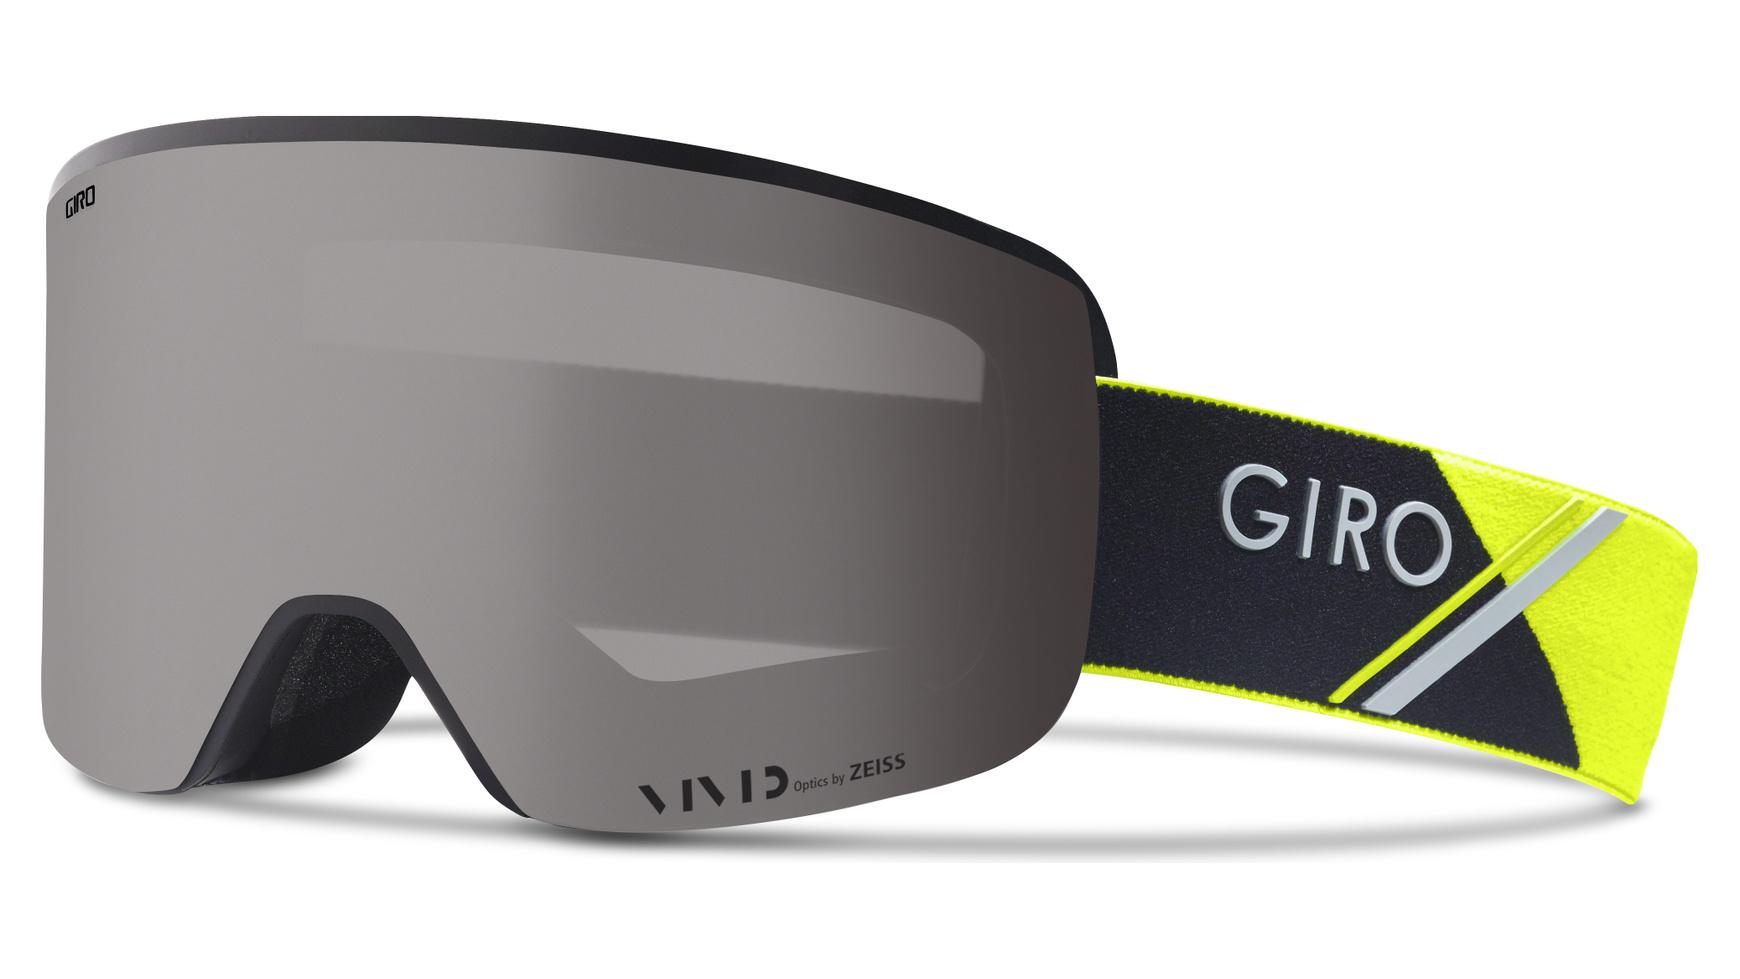 300054009-giro_g_axis_hiyellowsporttech_vividonyx